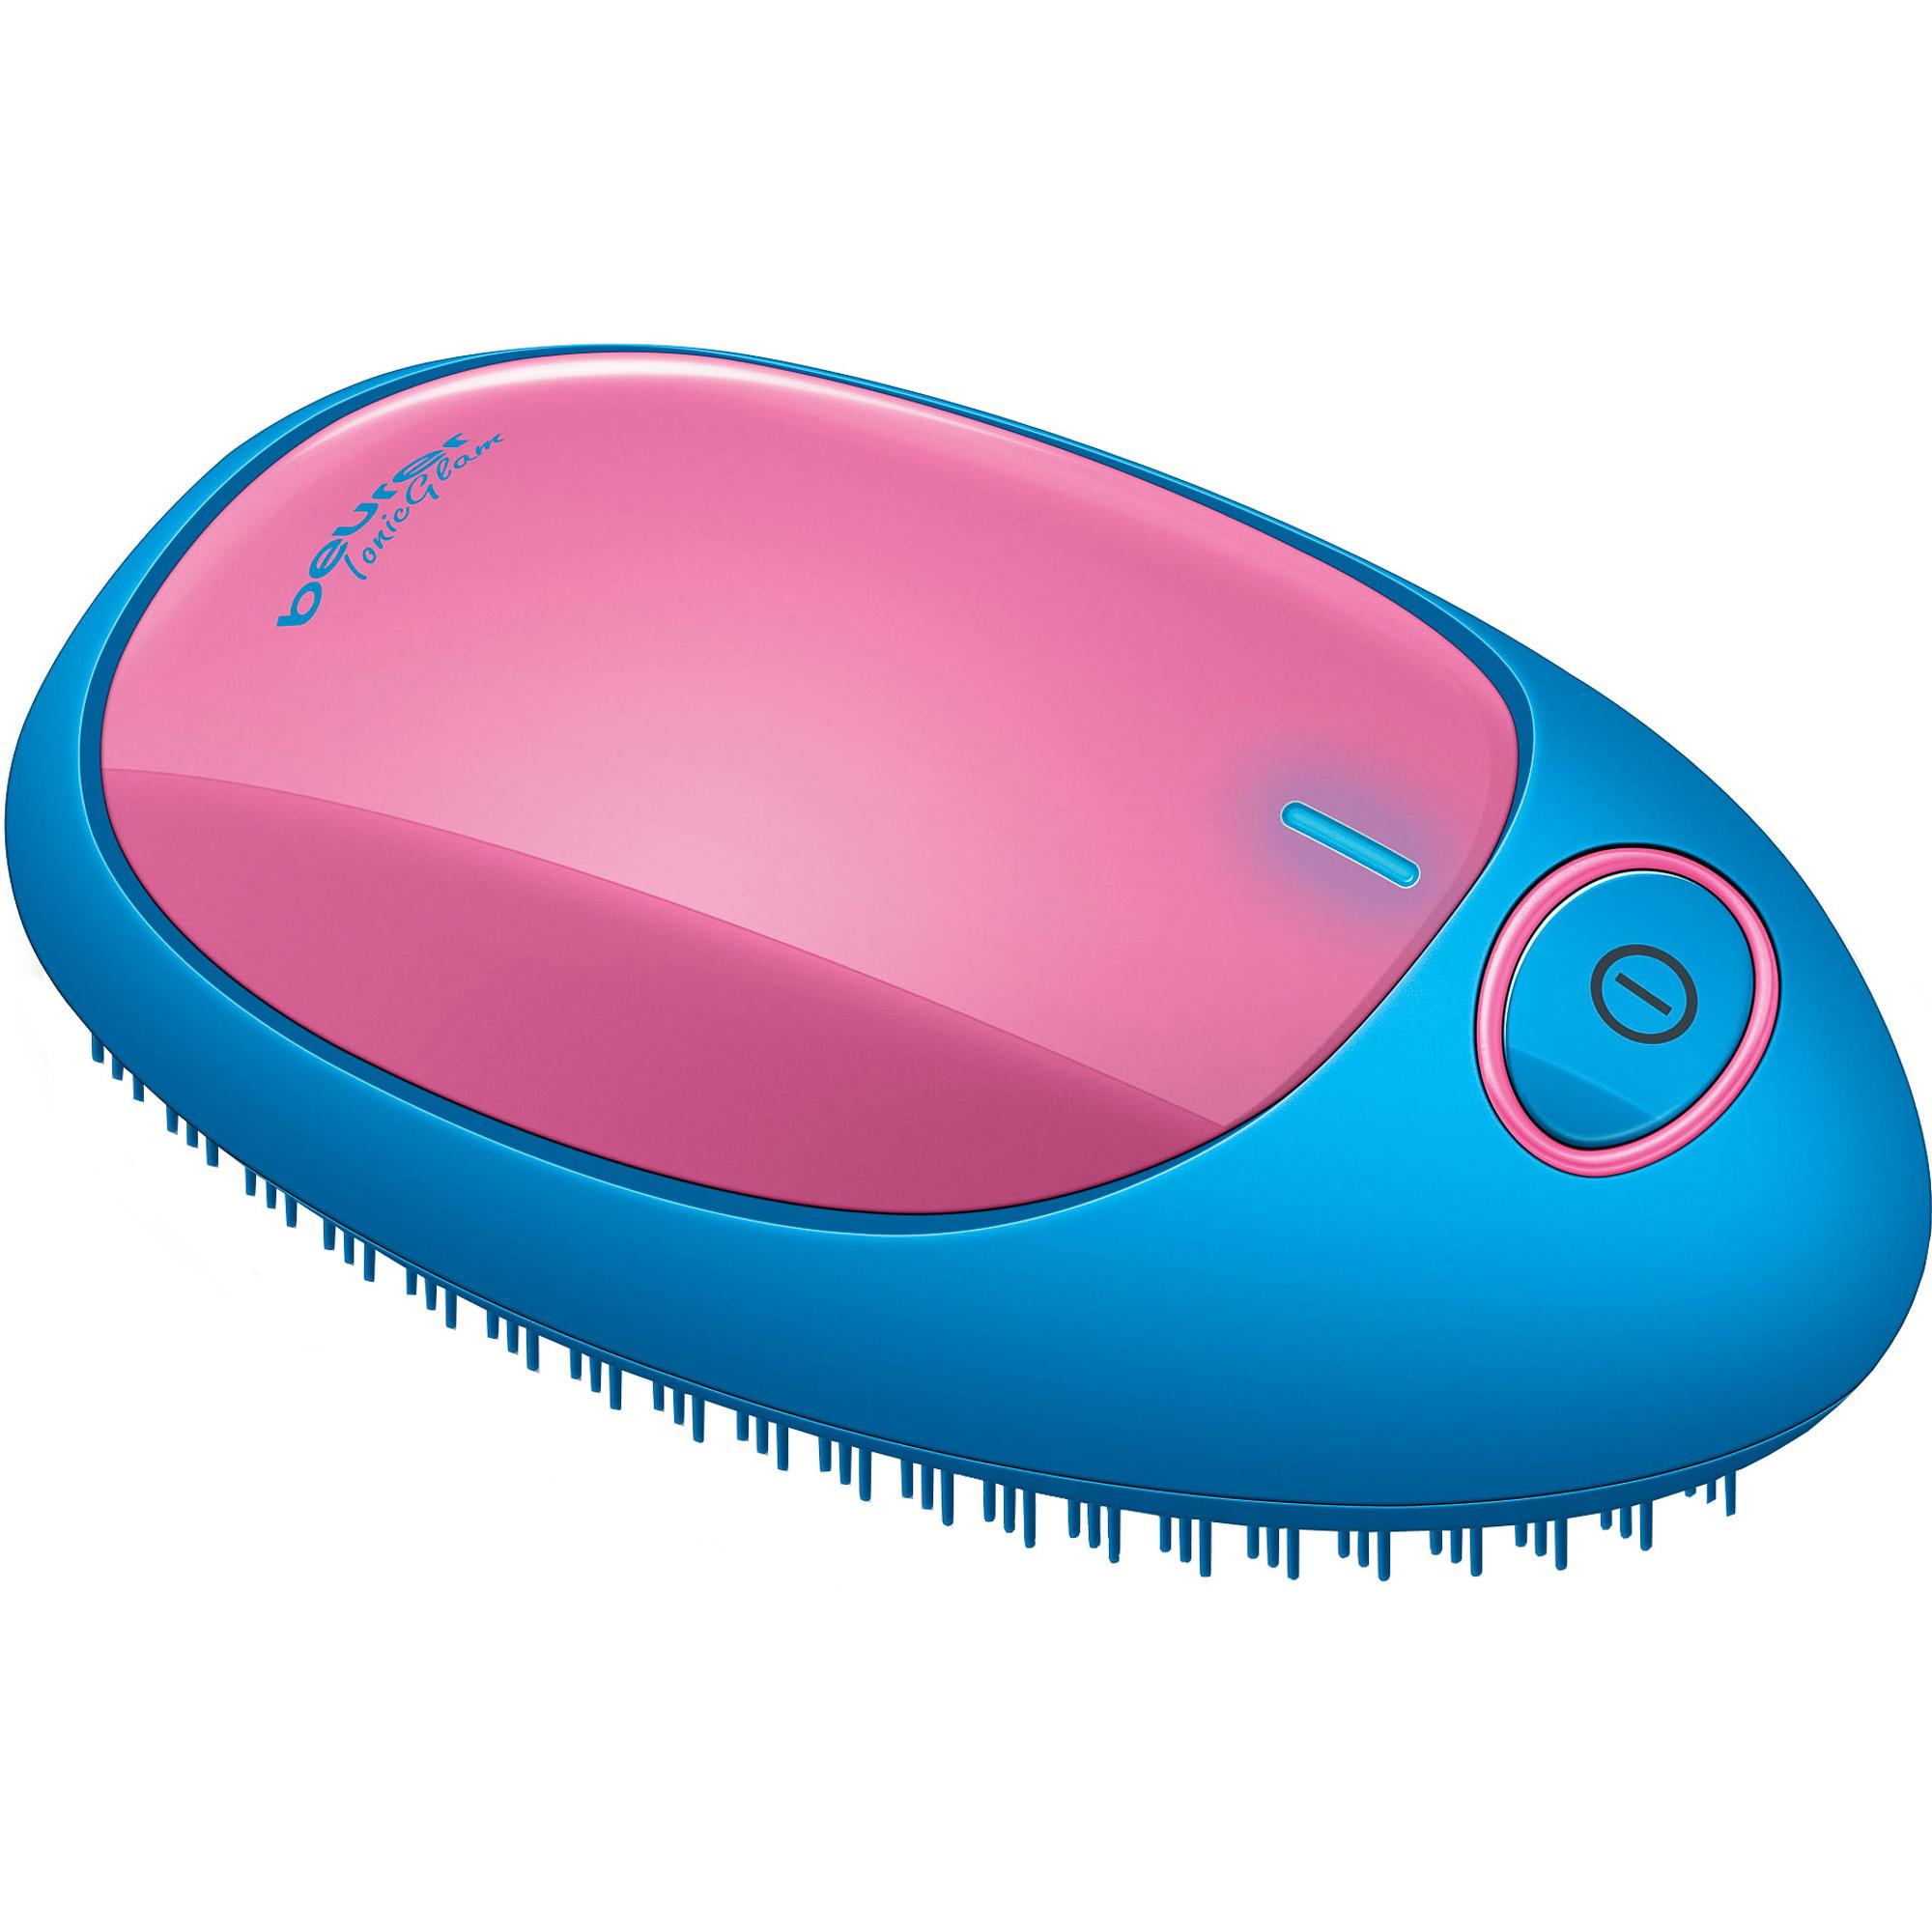 Стайлер для распутывания волос с ионизацией Beurer HT10 blue-pink расческа beurer ht10 blue pink 591 05